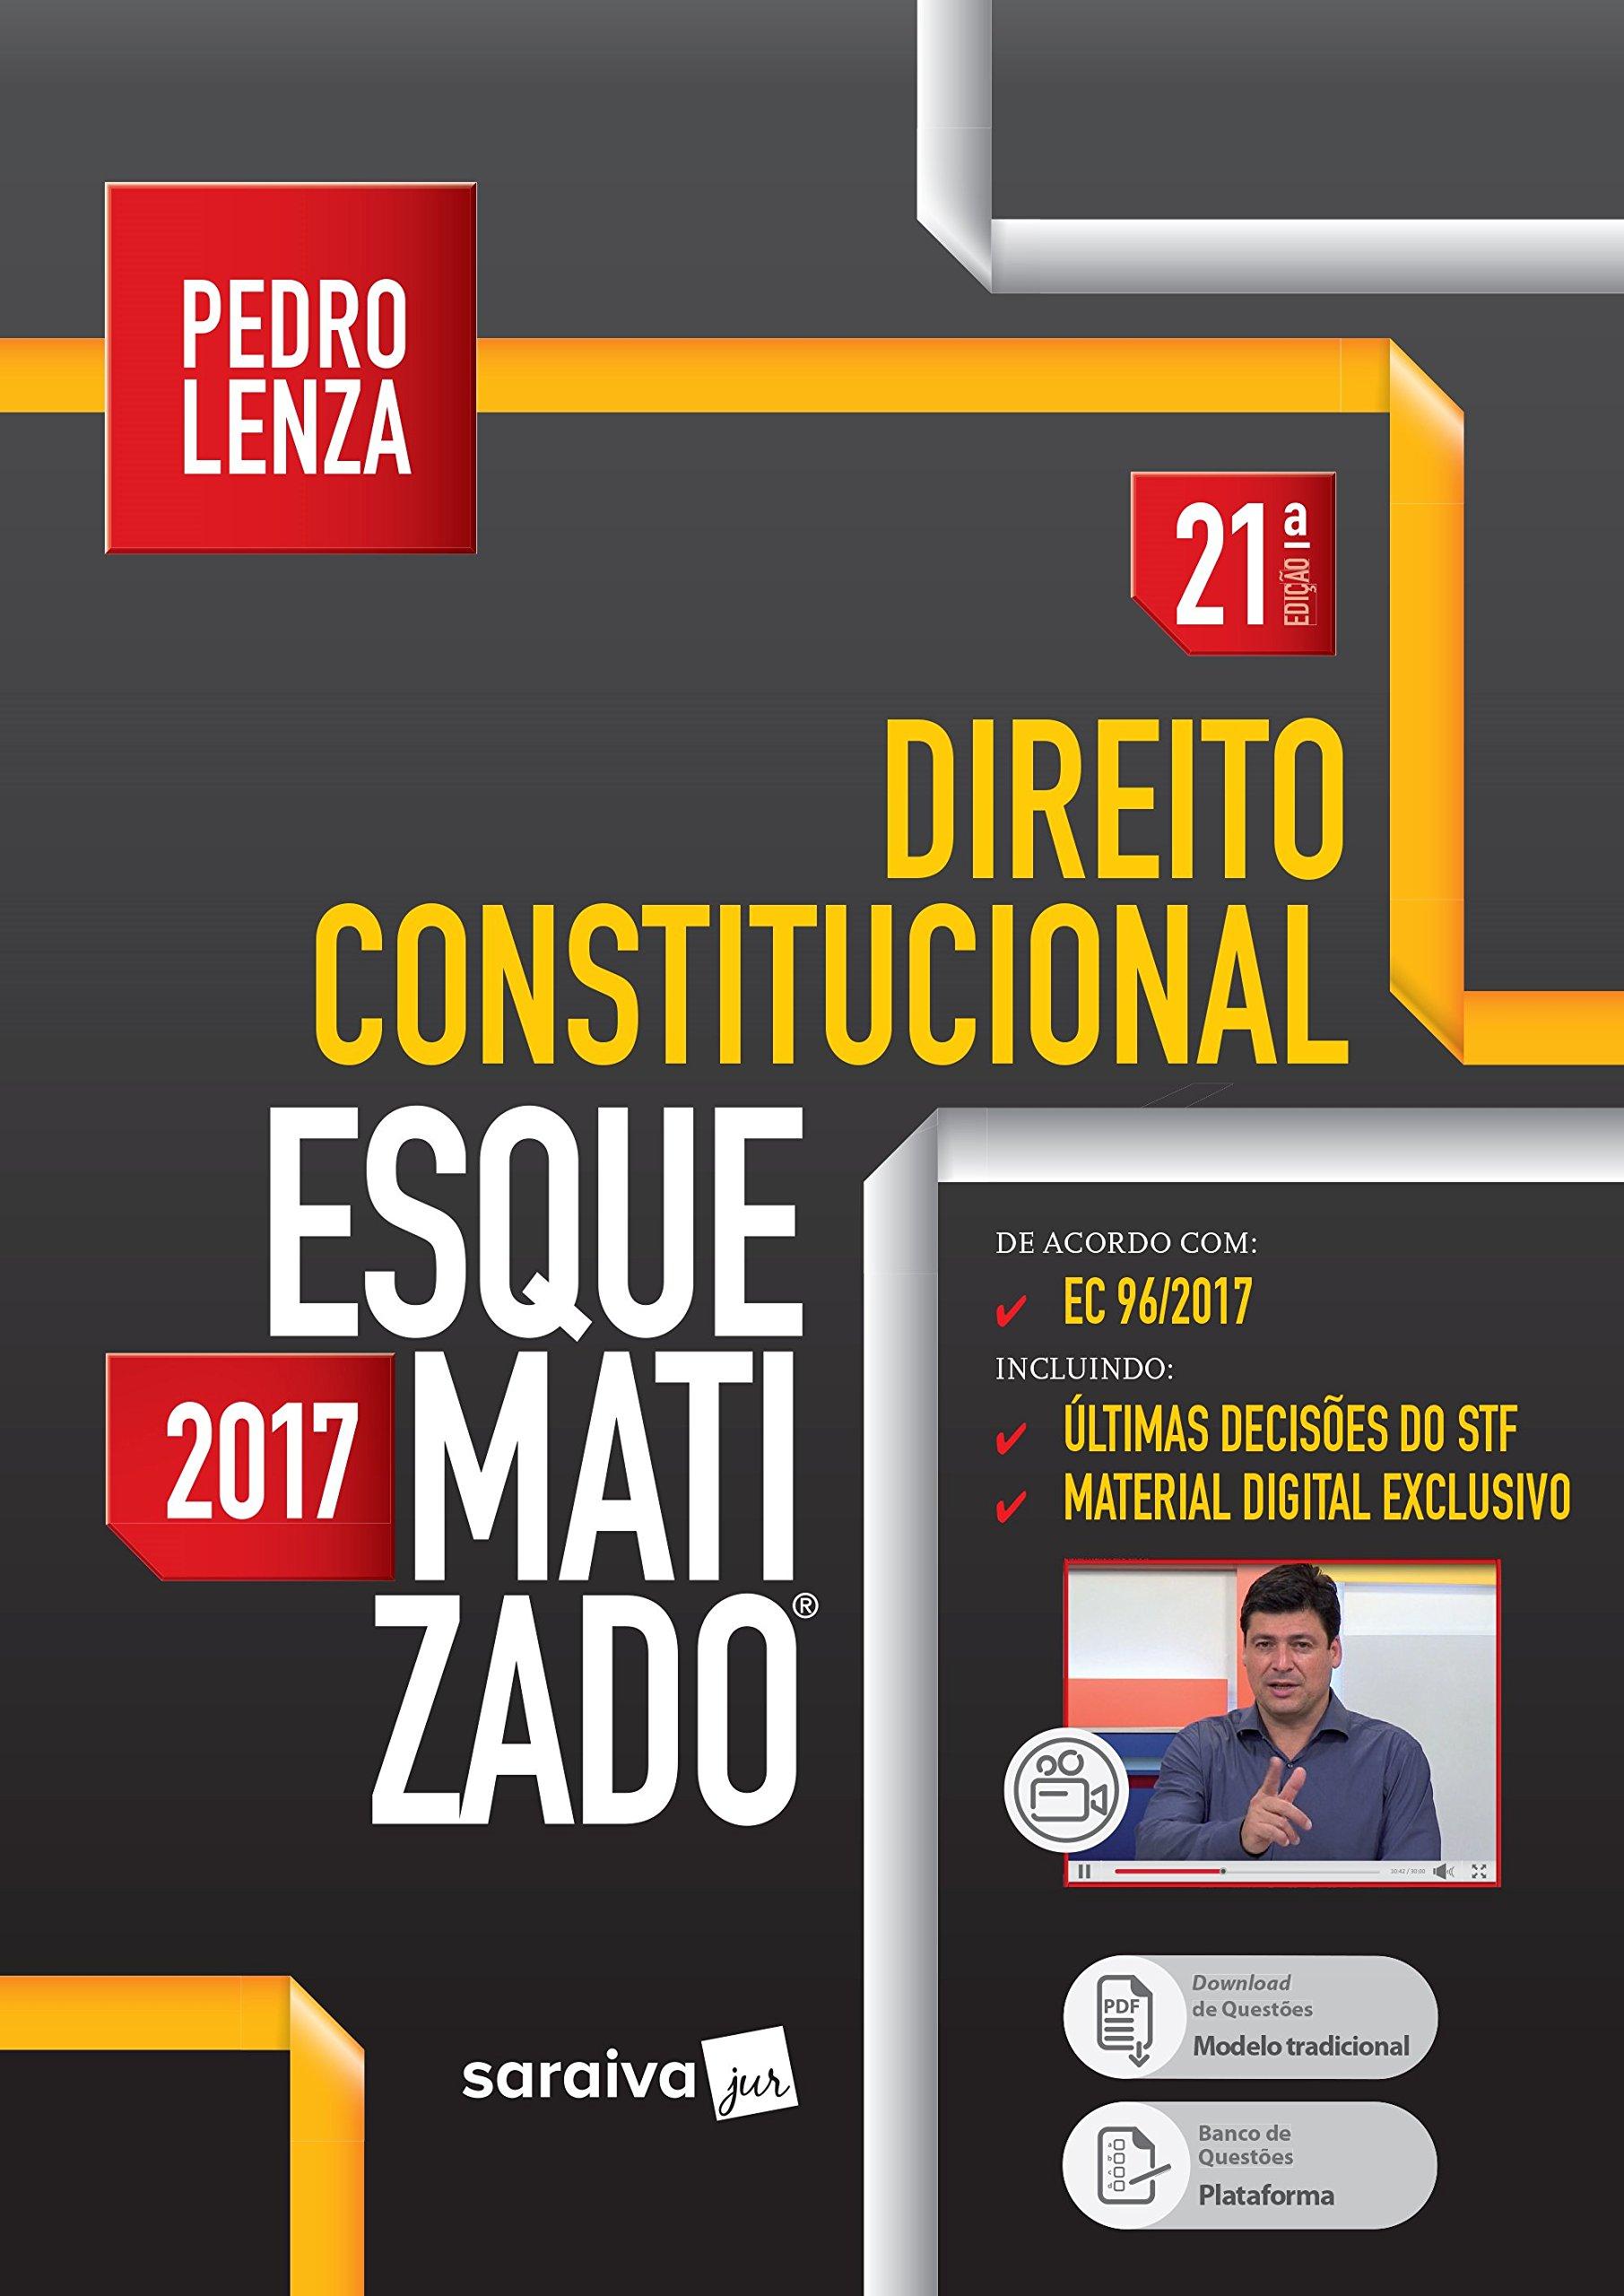 DESCOMPLICADO BAIXAR DIREITO GRATIS CONSTITUCIONAL